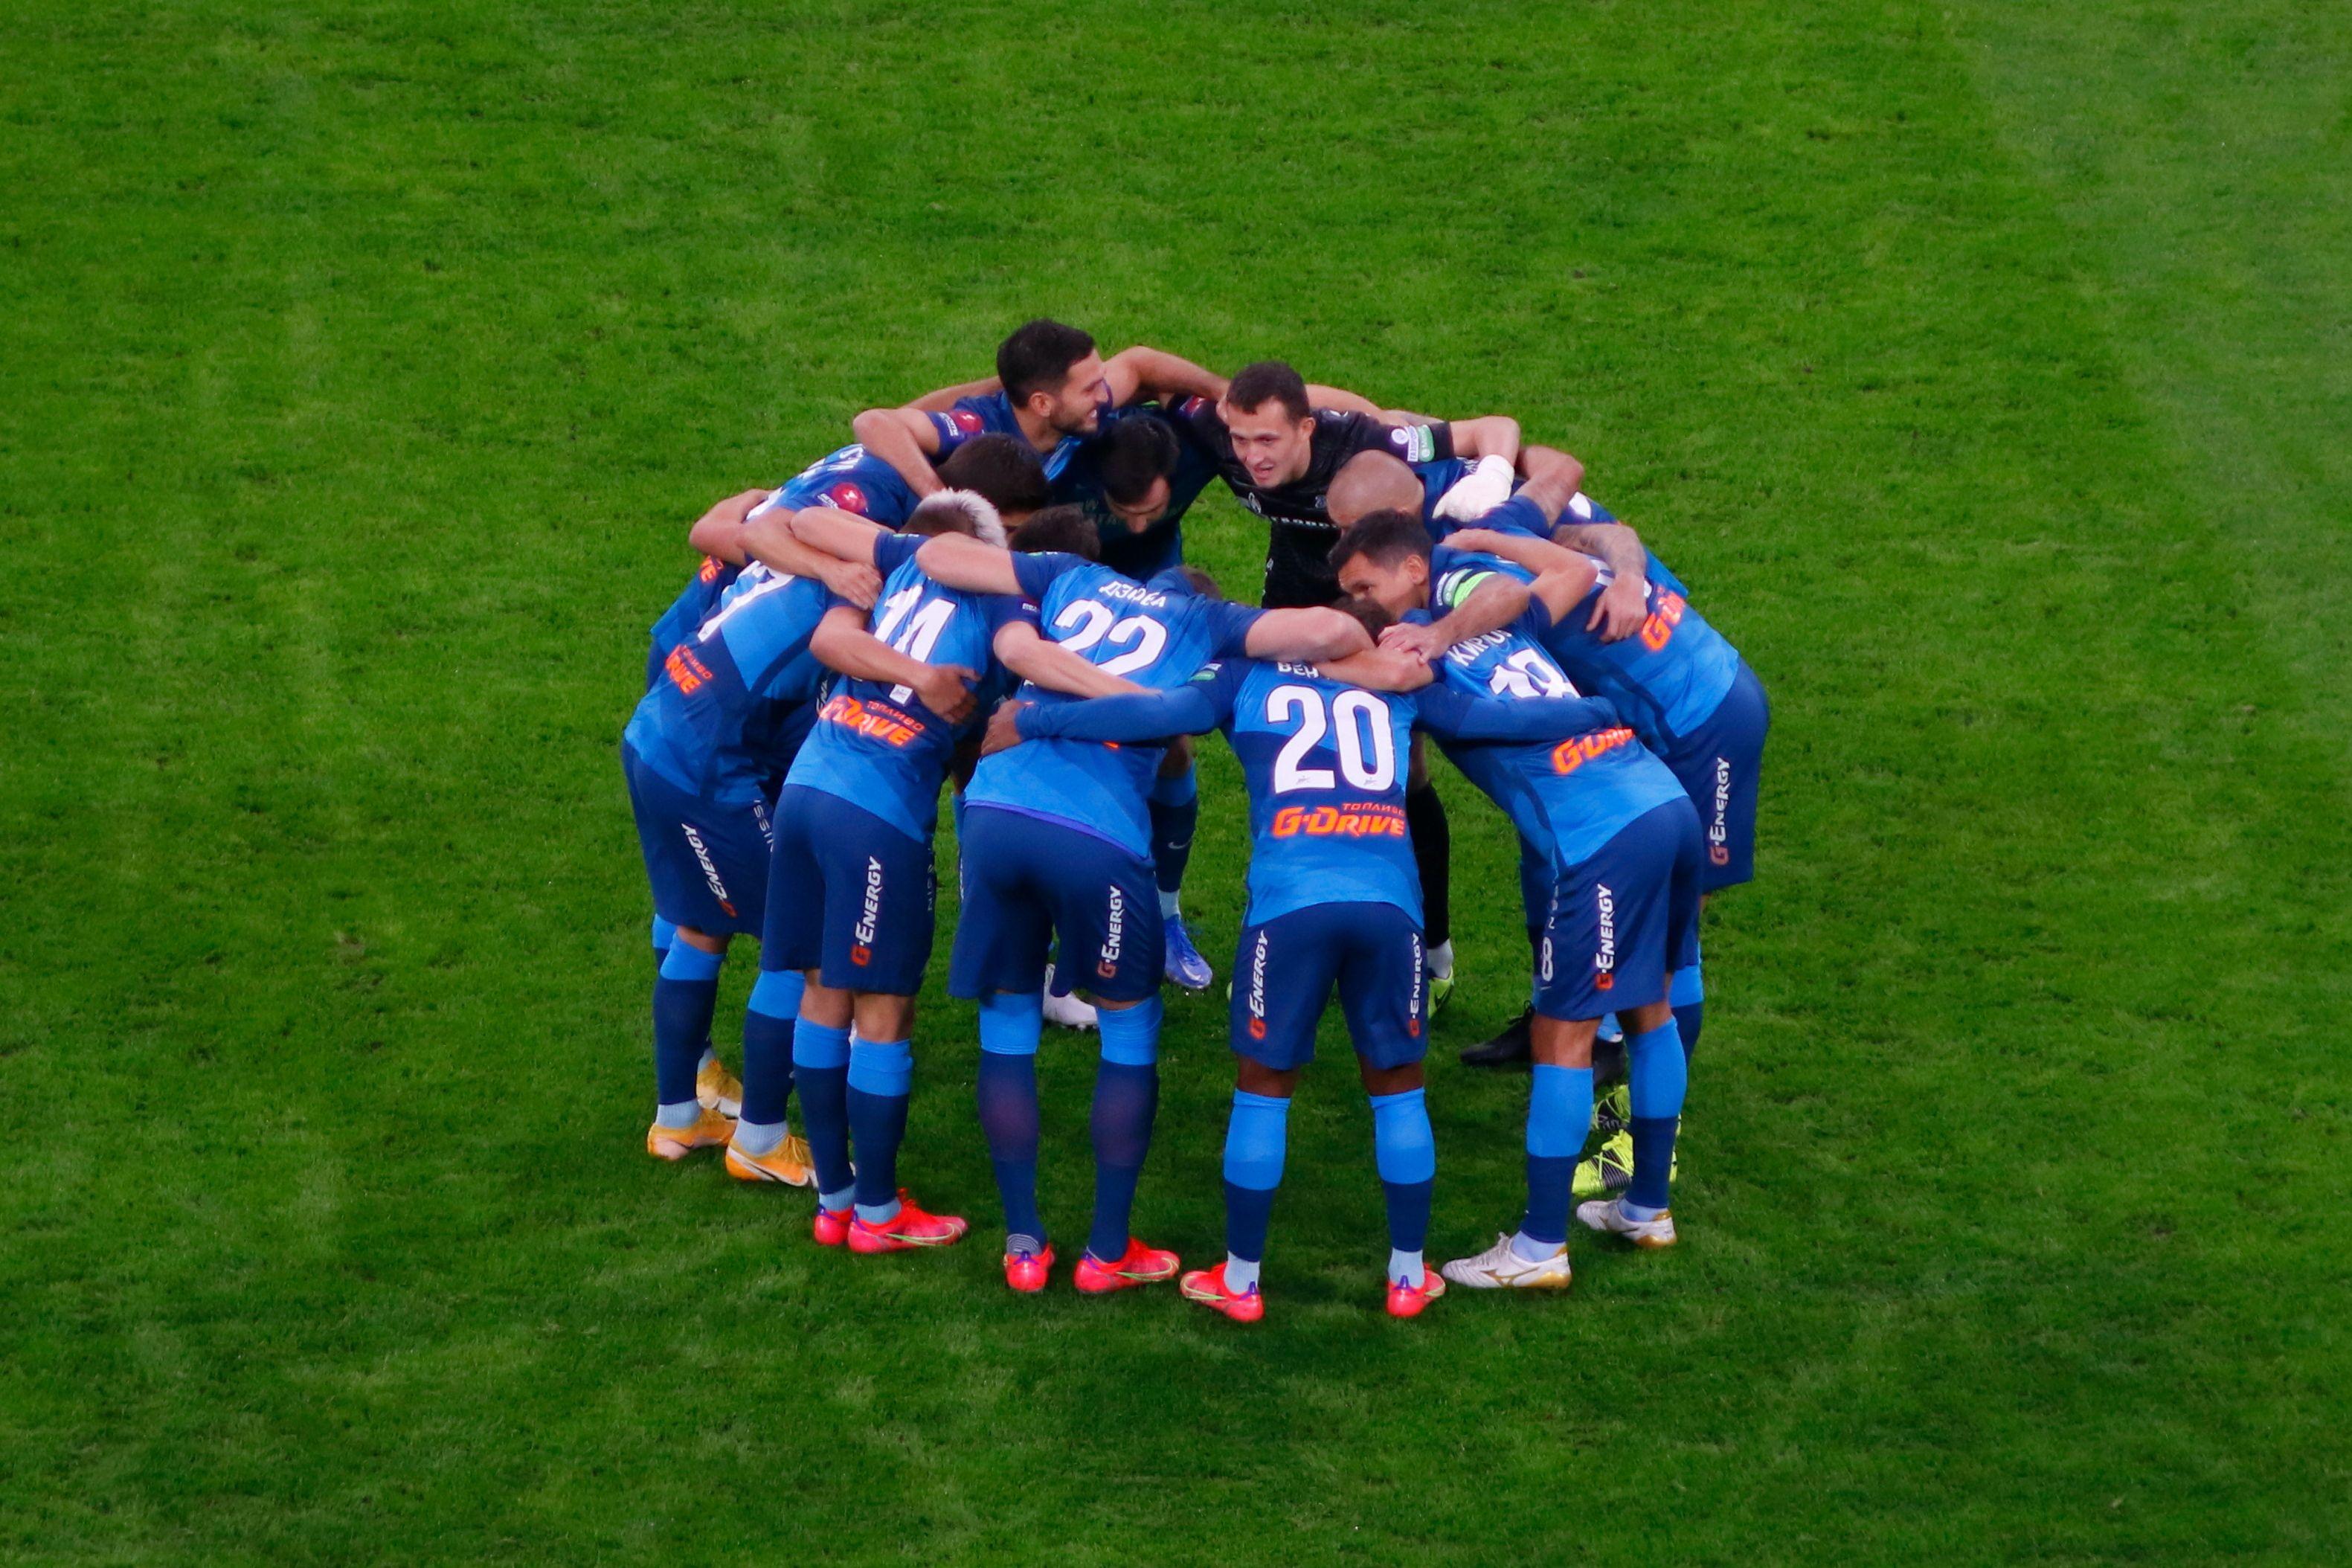 'Зенит' — 'Ростов' - 0:1: курьёзный гол Соу после ошибки Кержакова. ВИДЕО